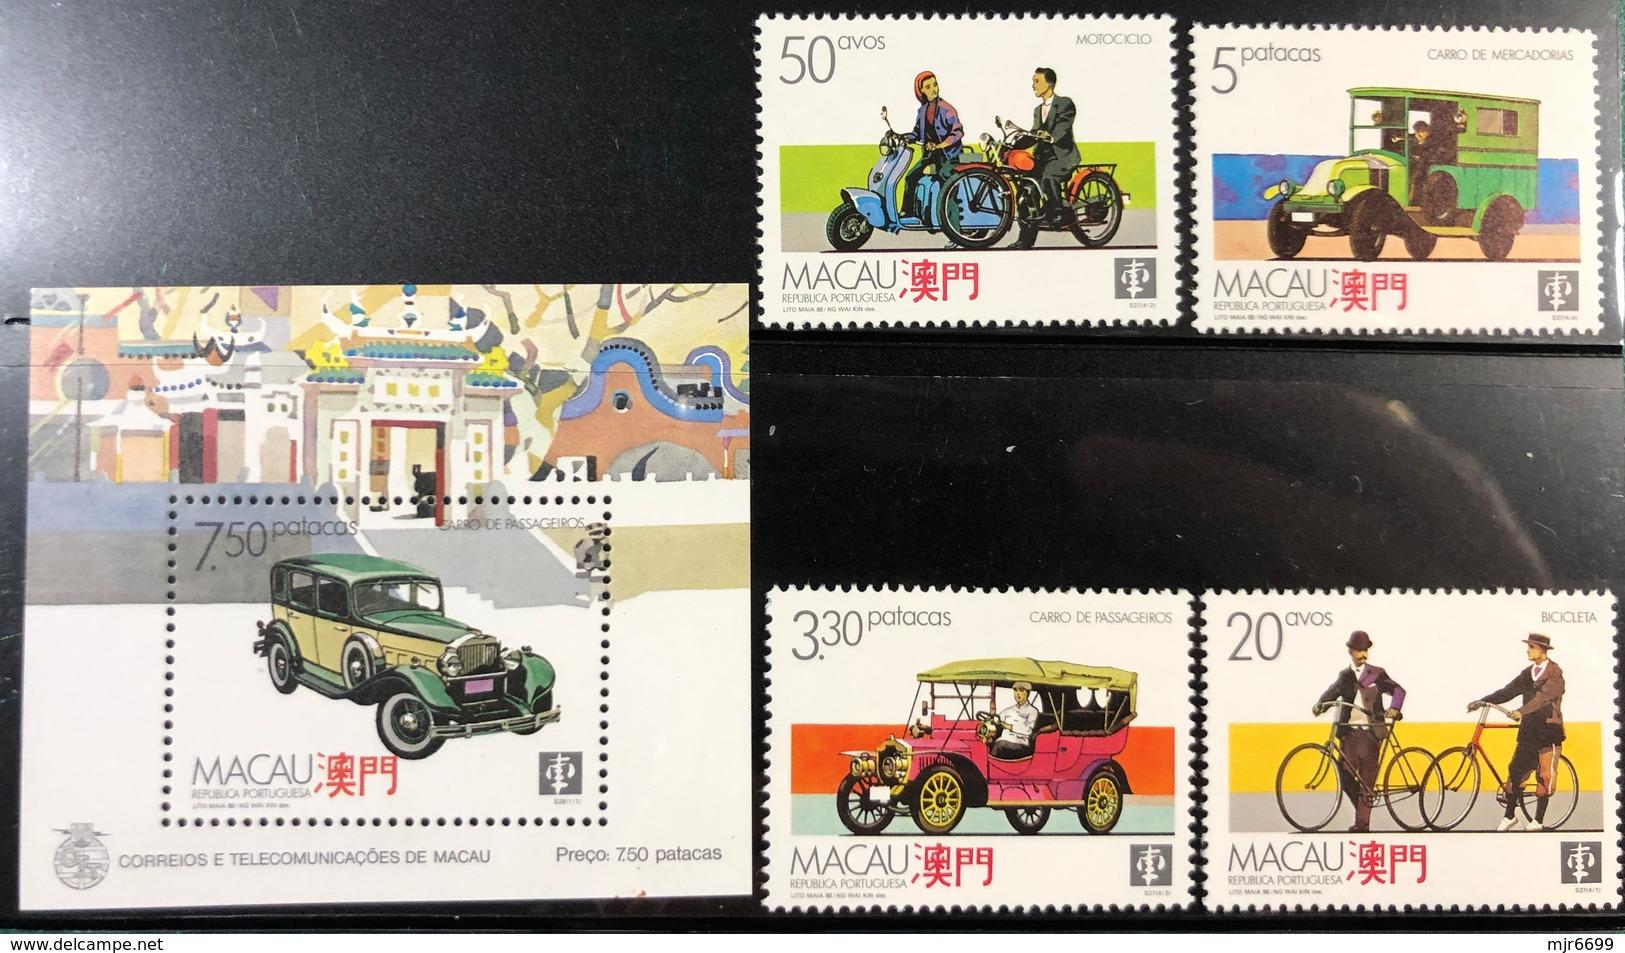 MACAU 1988 MEANS OF LAND TRANSPORT SET OF 4 + SOUVENIR SHEET - Blocks & Kleinbögen